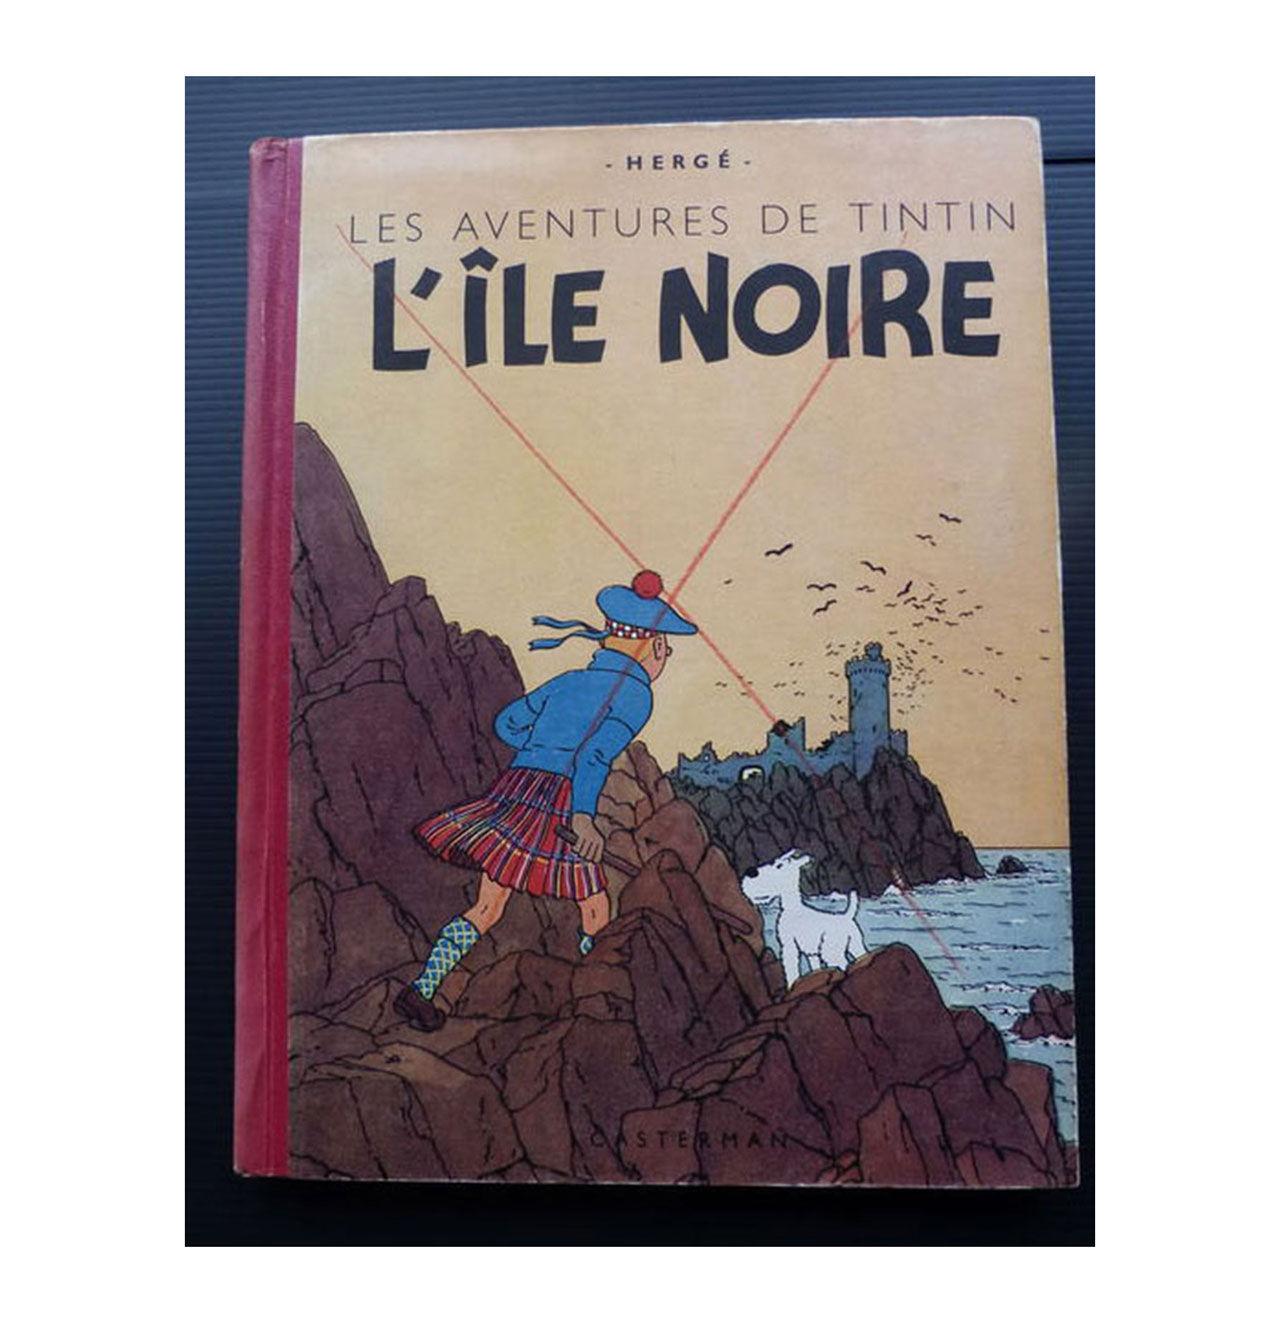 Sällsynt Tintin-bok väntas gå för en miljon